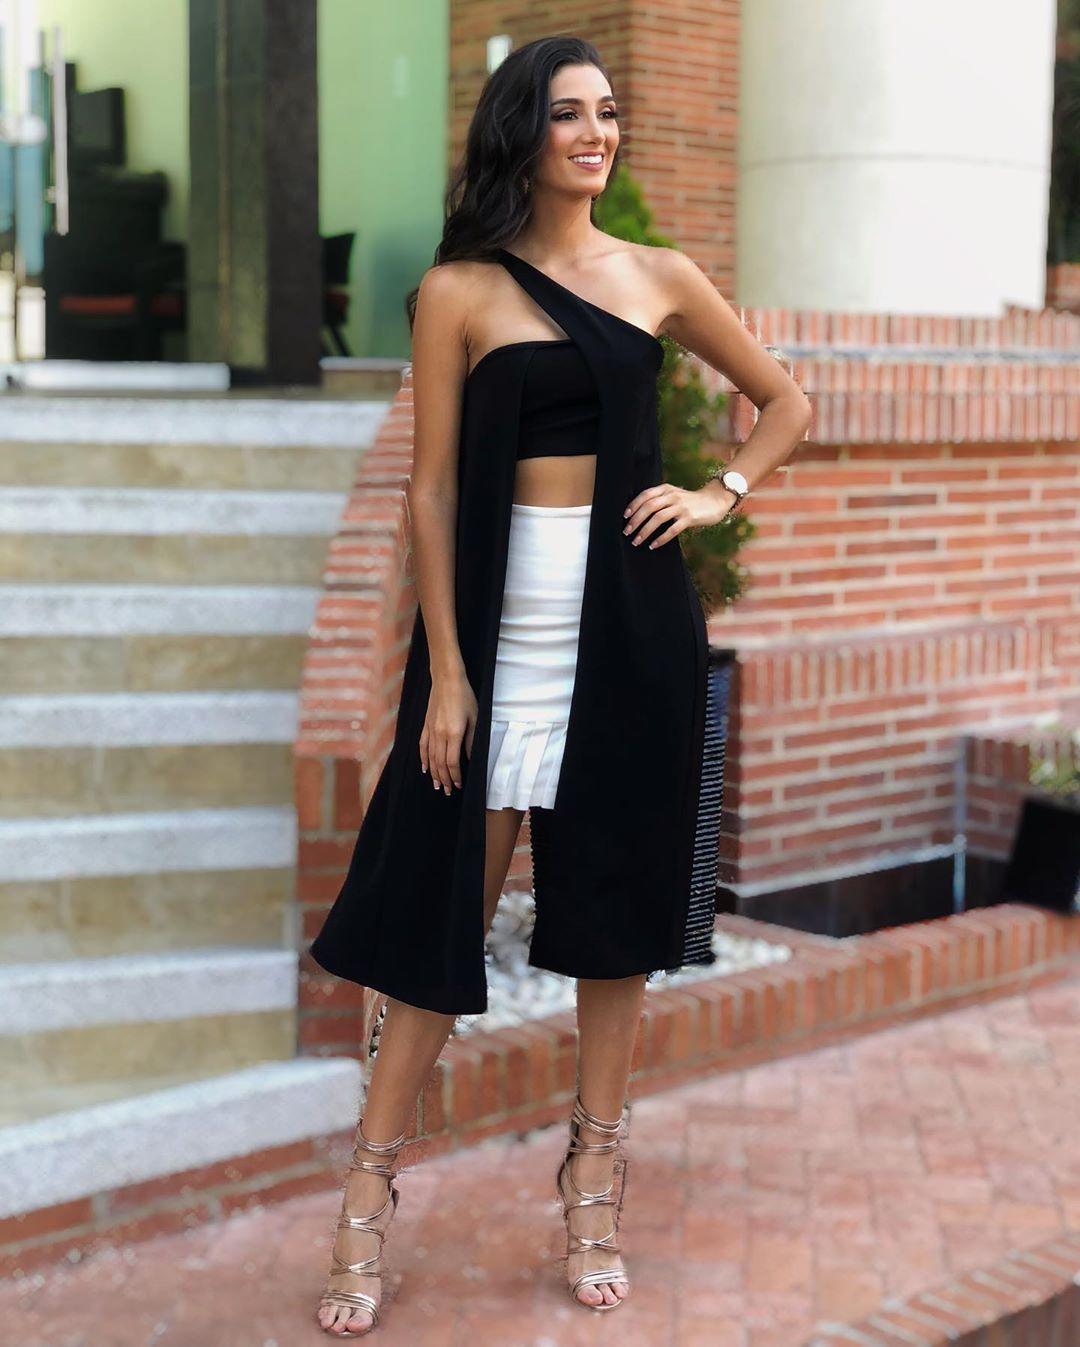 mariana jaramillo, miss charm colombia 2020. - Página 2 85236410